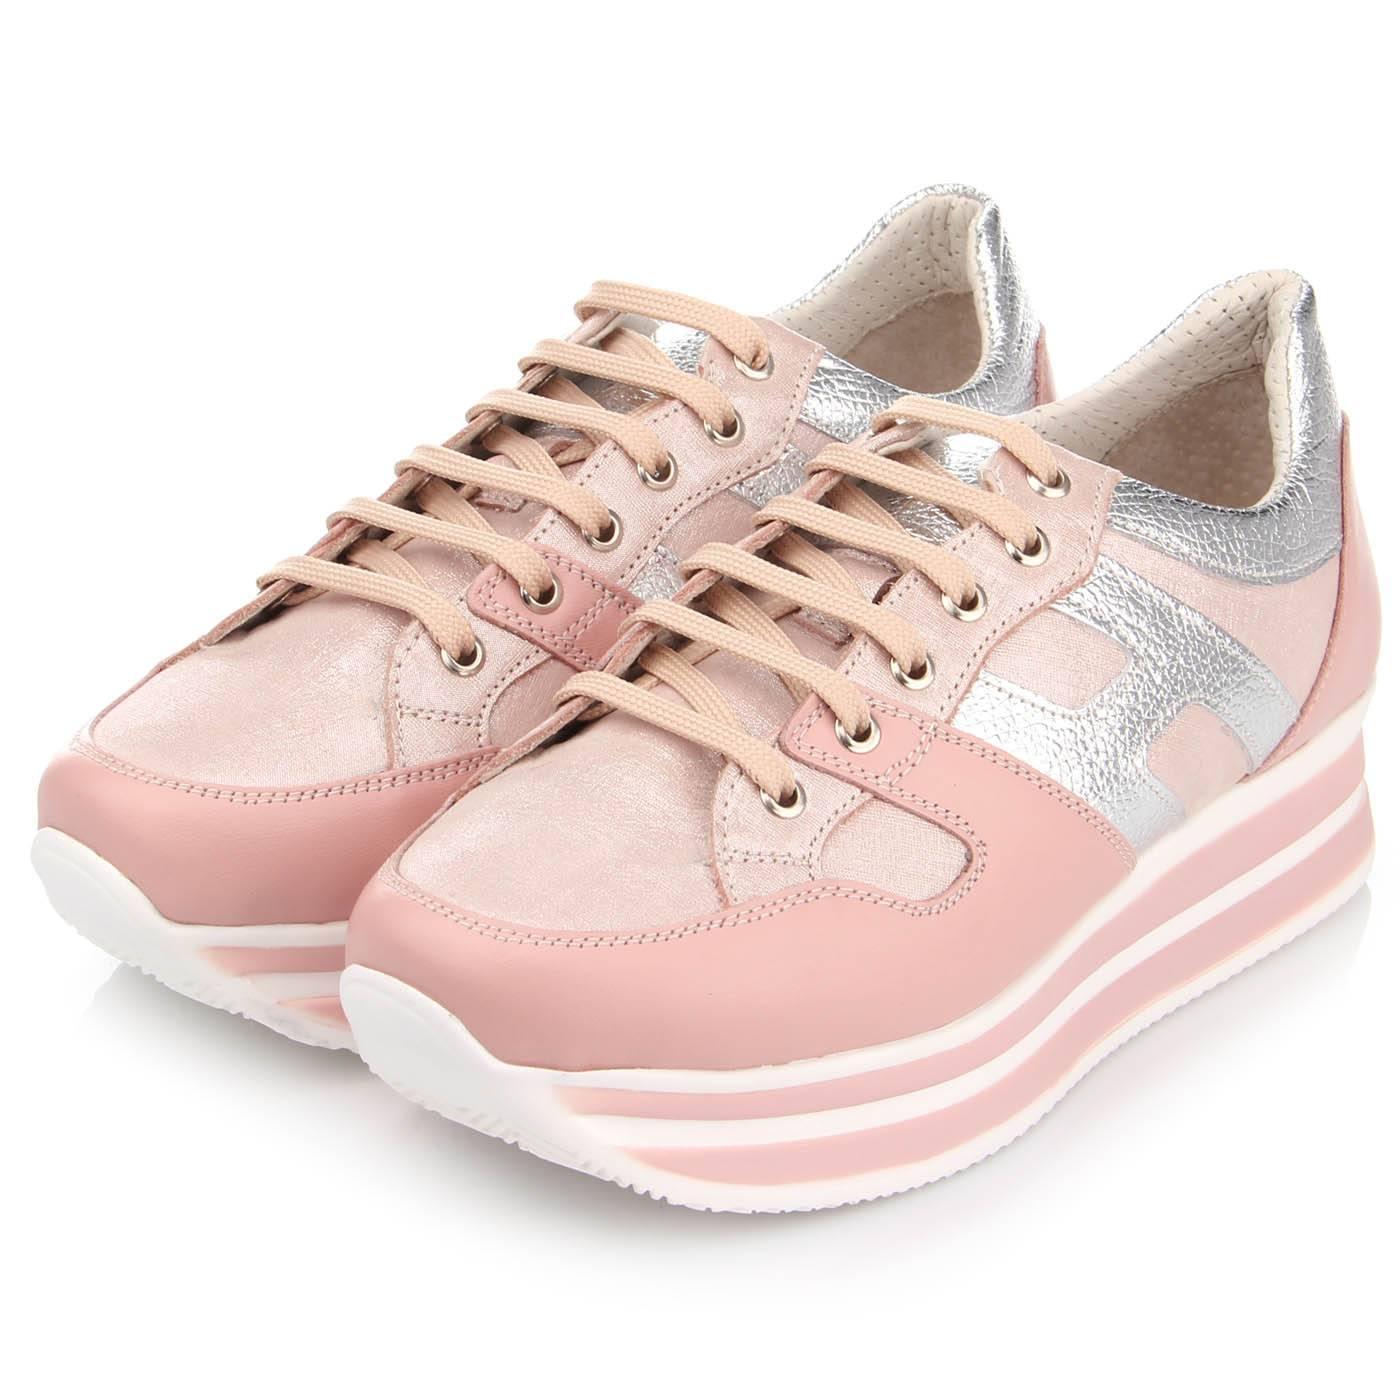 Кросівки жіночі bosa 6664 Рожевий купить по выгодной цене в интернет ... 61a0d8bcc1f8f